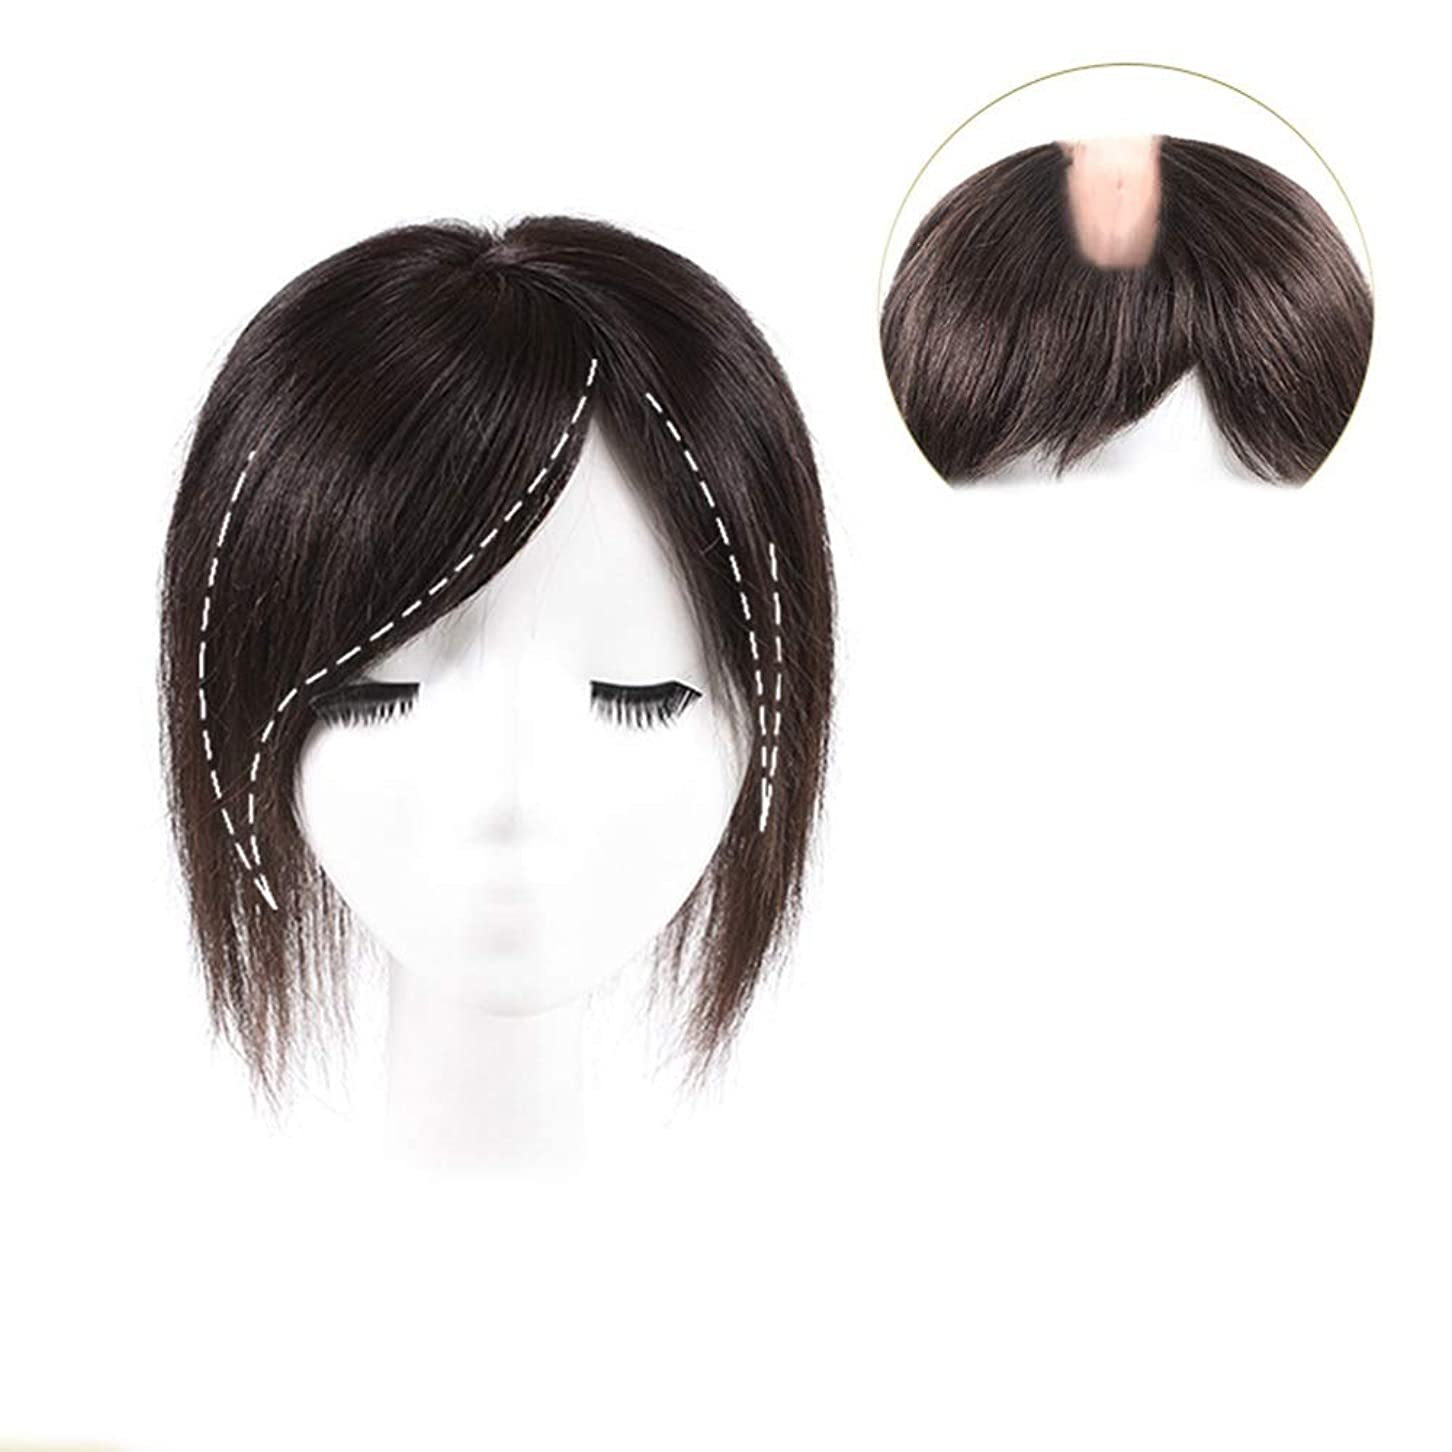 八排泄する家禽BOBIDYEE 本物の髪に見えないふわふわの自然な髪の拡張子ショートウィッグの女性の長いストレートヘアウィッグピースクリップ (色 : [7x10] 25cm natural black)